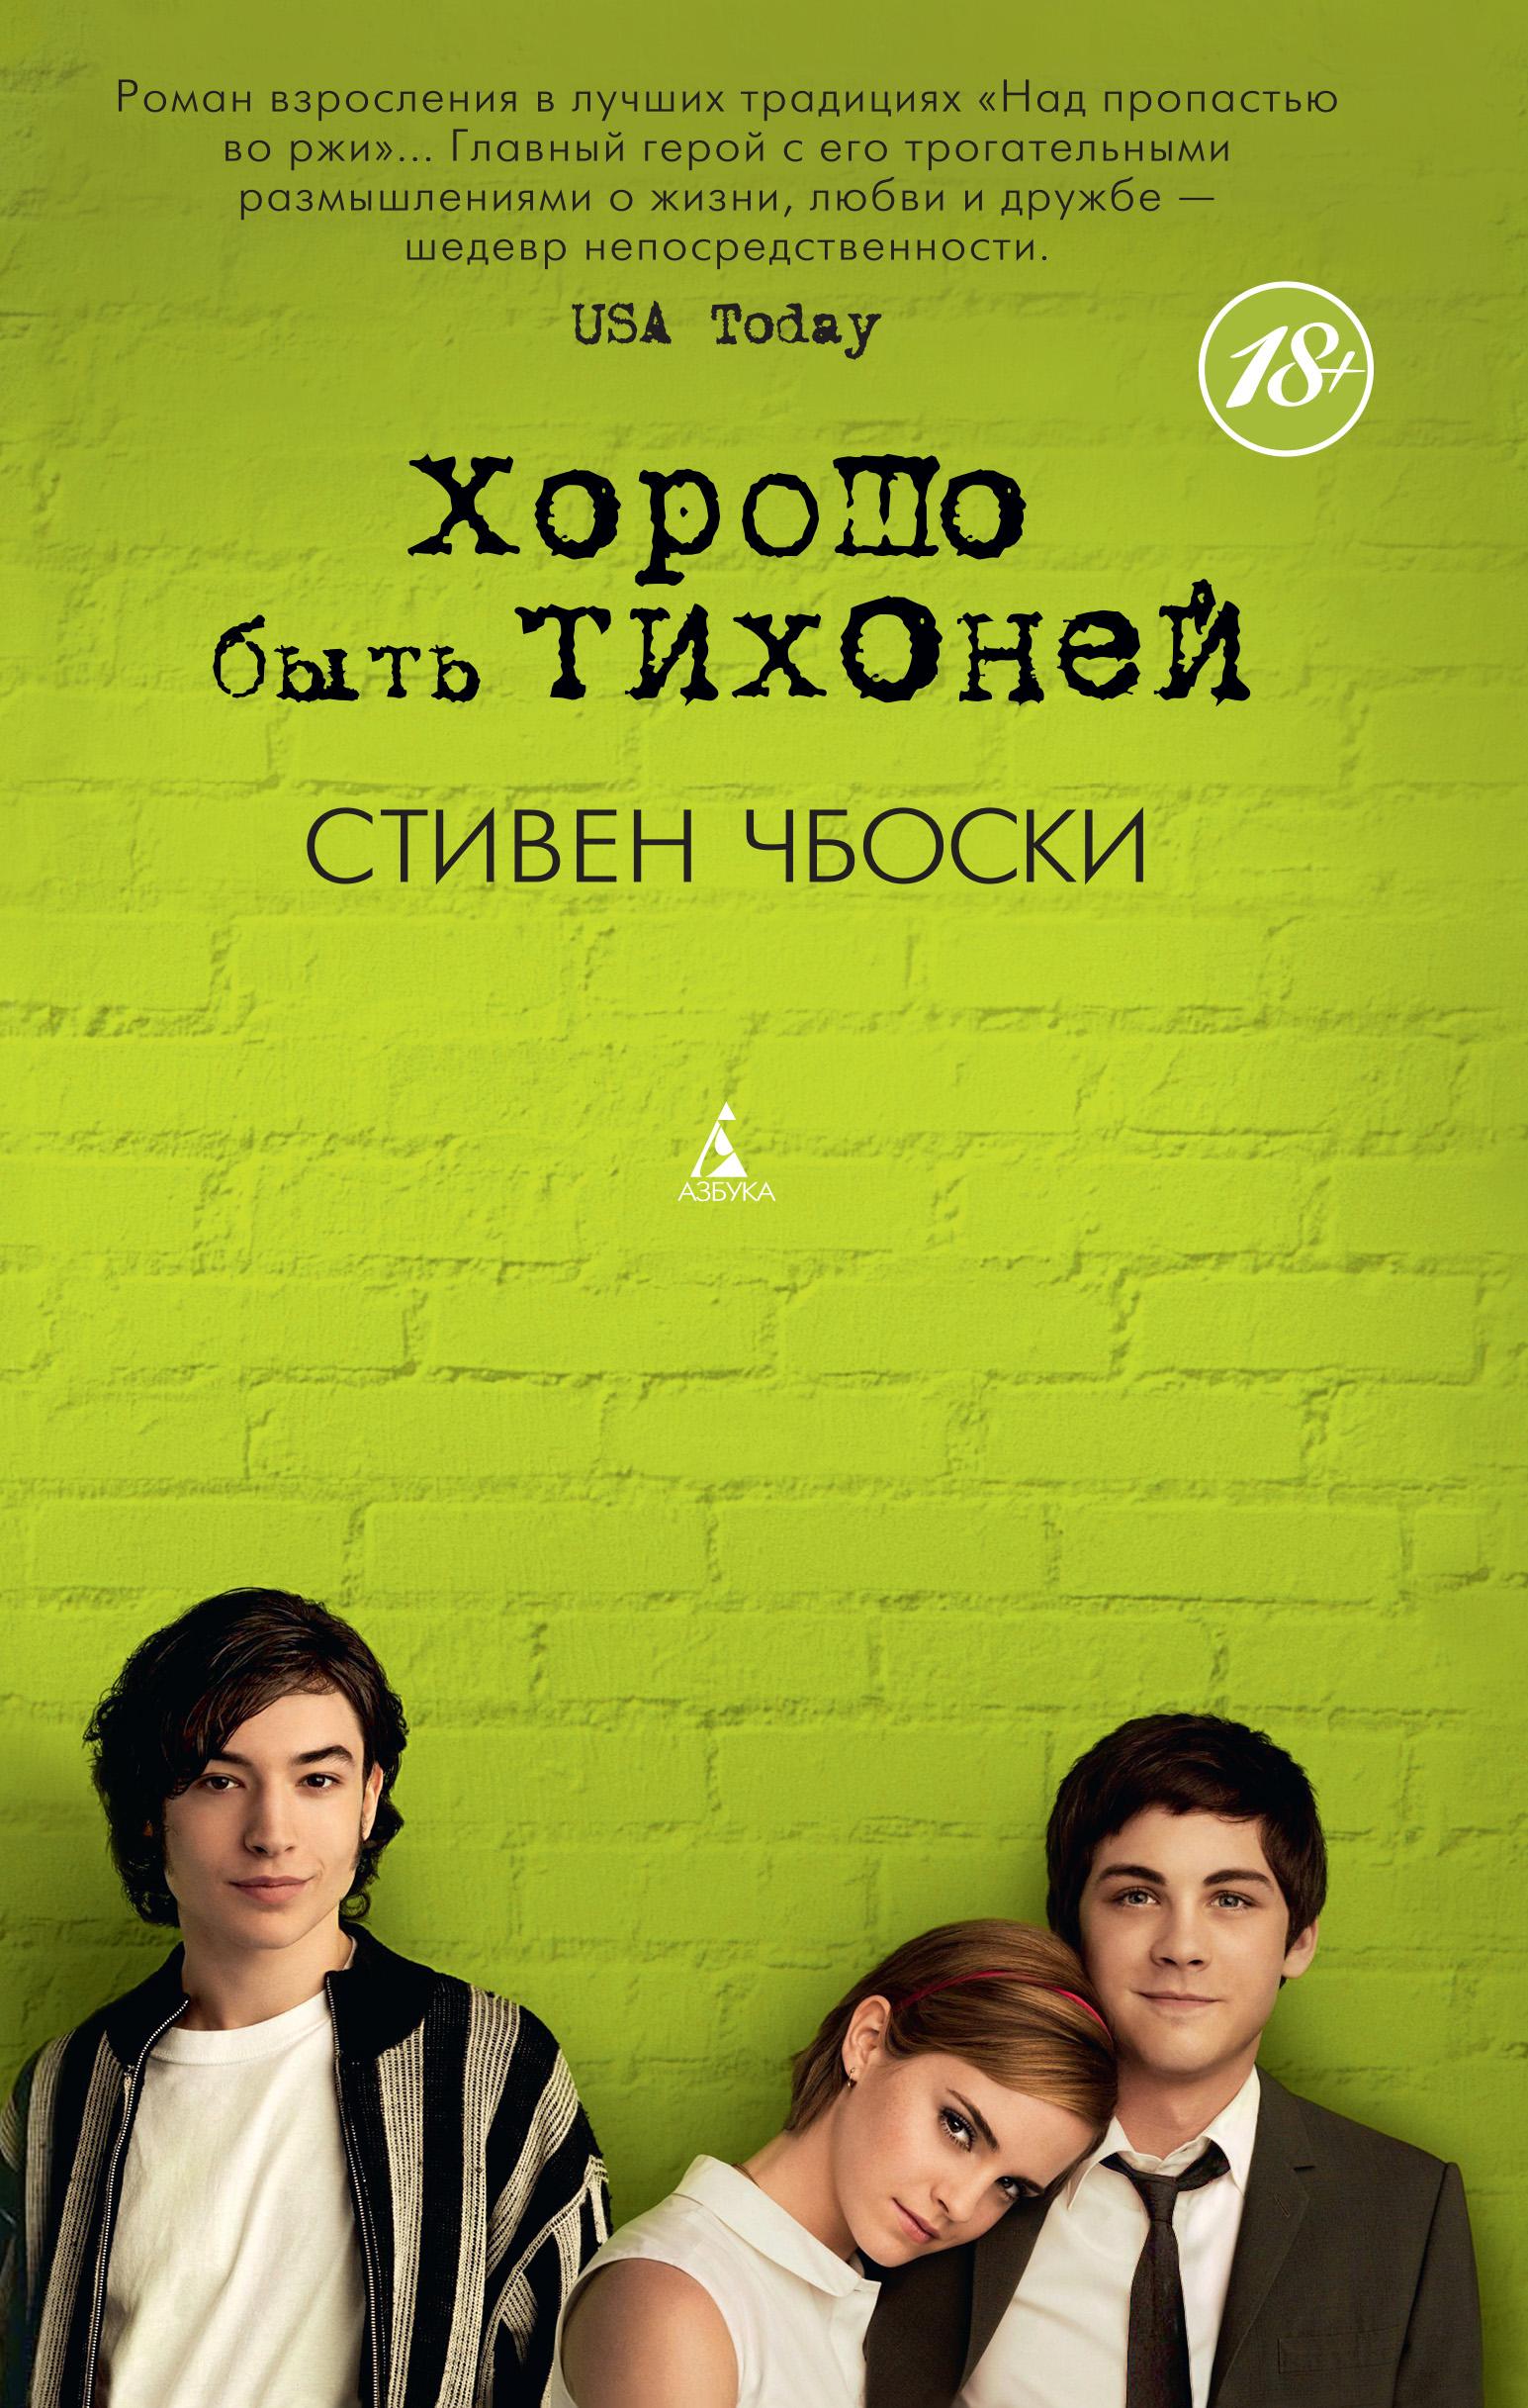 Олеся николаева небесный огонь скачать бесплатно pdf